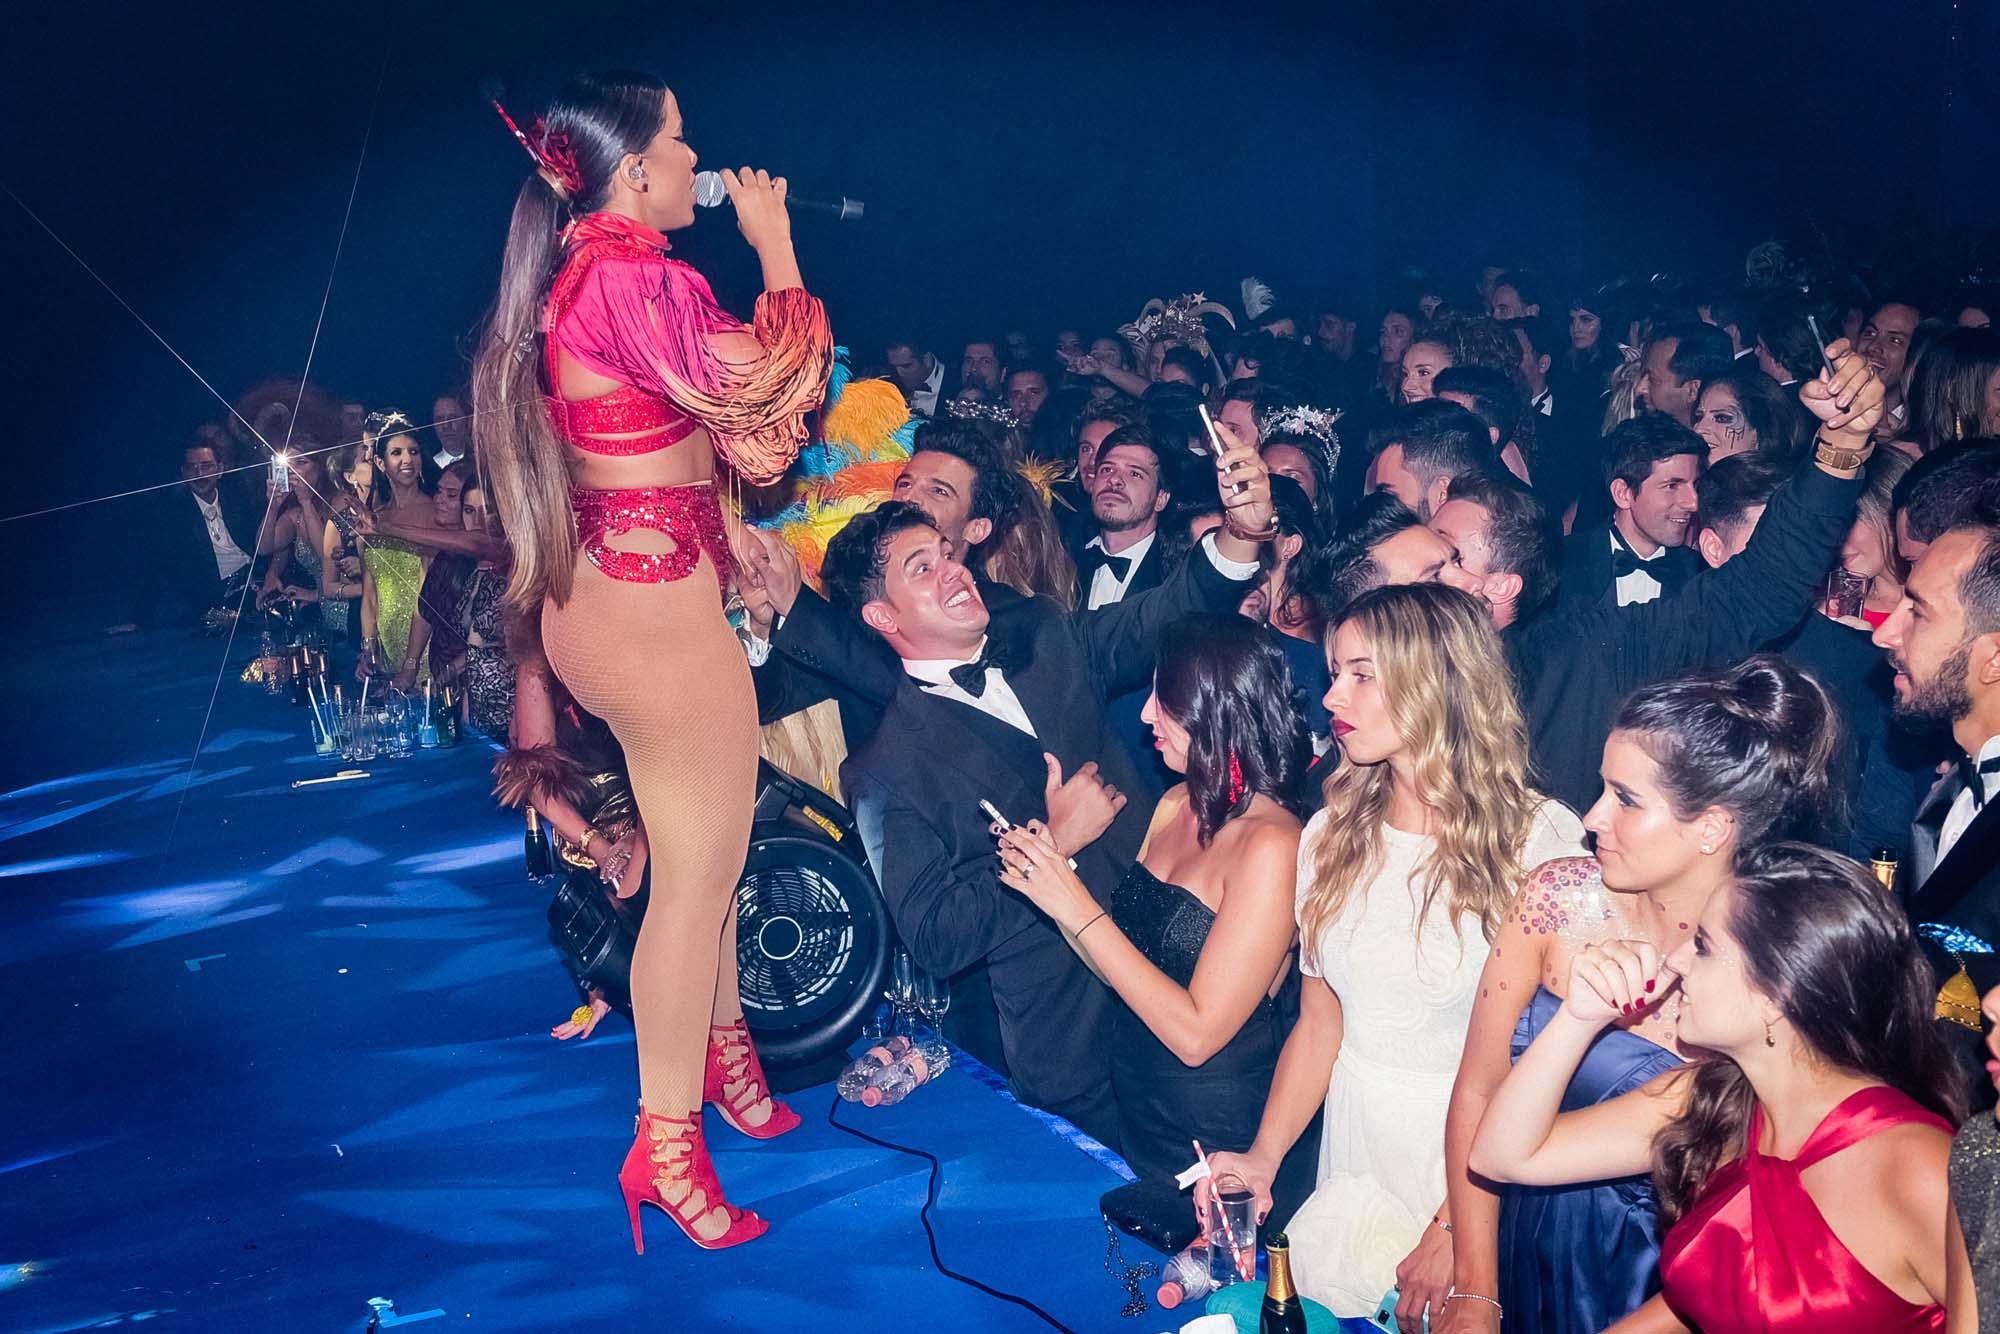 Anitta chamou atenção com o look ousado e foi uma das atrações mais animadas da festa - Crédito: Lu Prezia, Alexandre Virgilio e Cleiby Trevisan /Divulgação Vogue